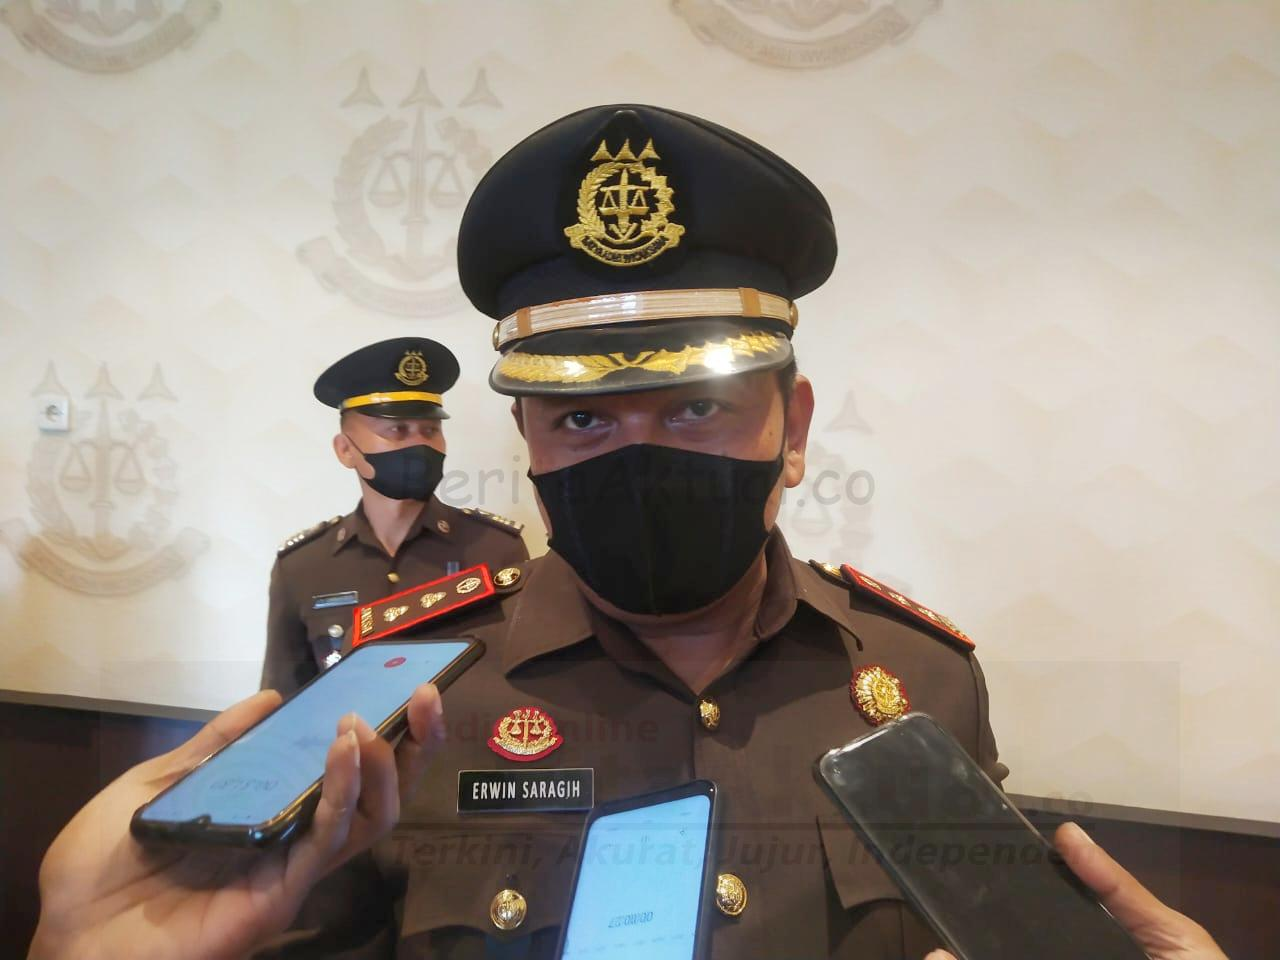 Erwin Saragih Jabat Kejari Sorong, Program Pertama Pembenahan Internal 4 IMG 20210301 224842